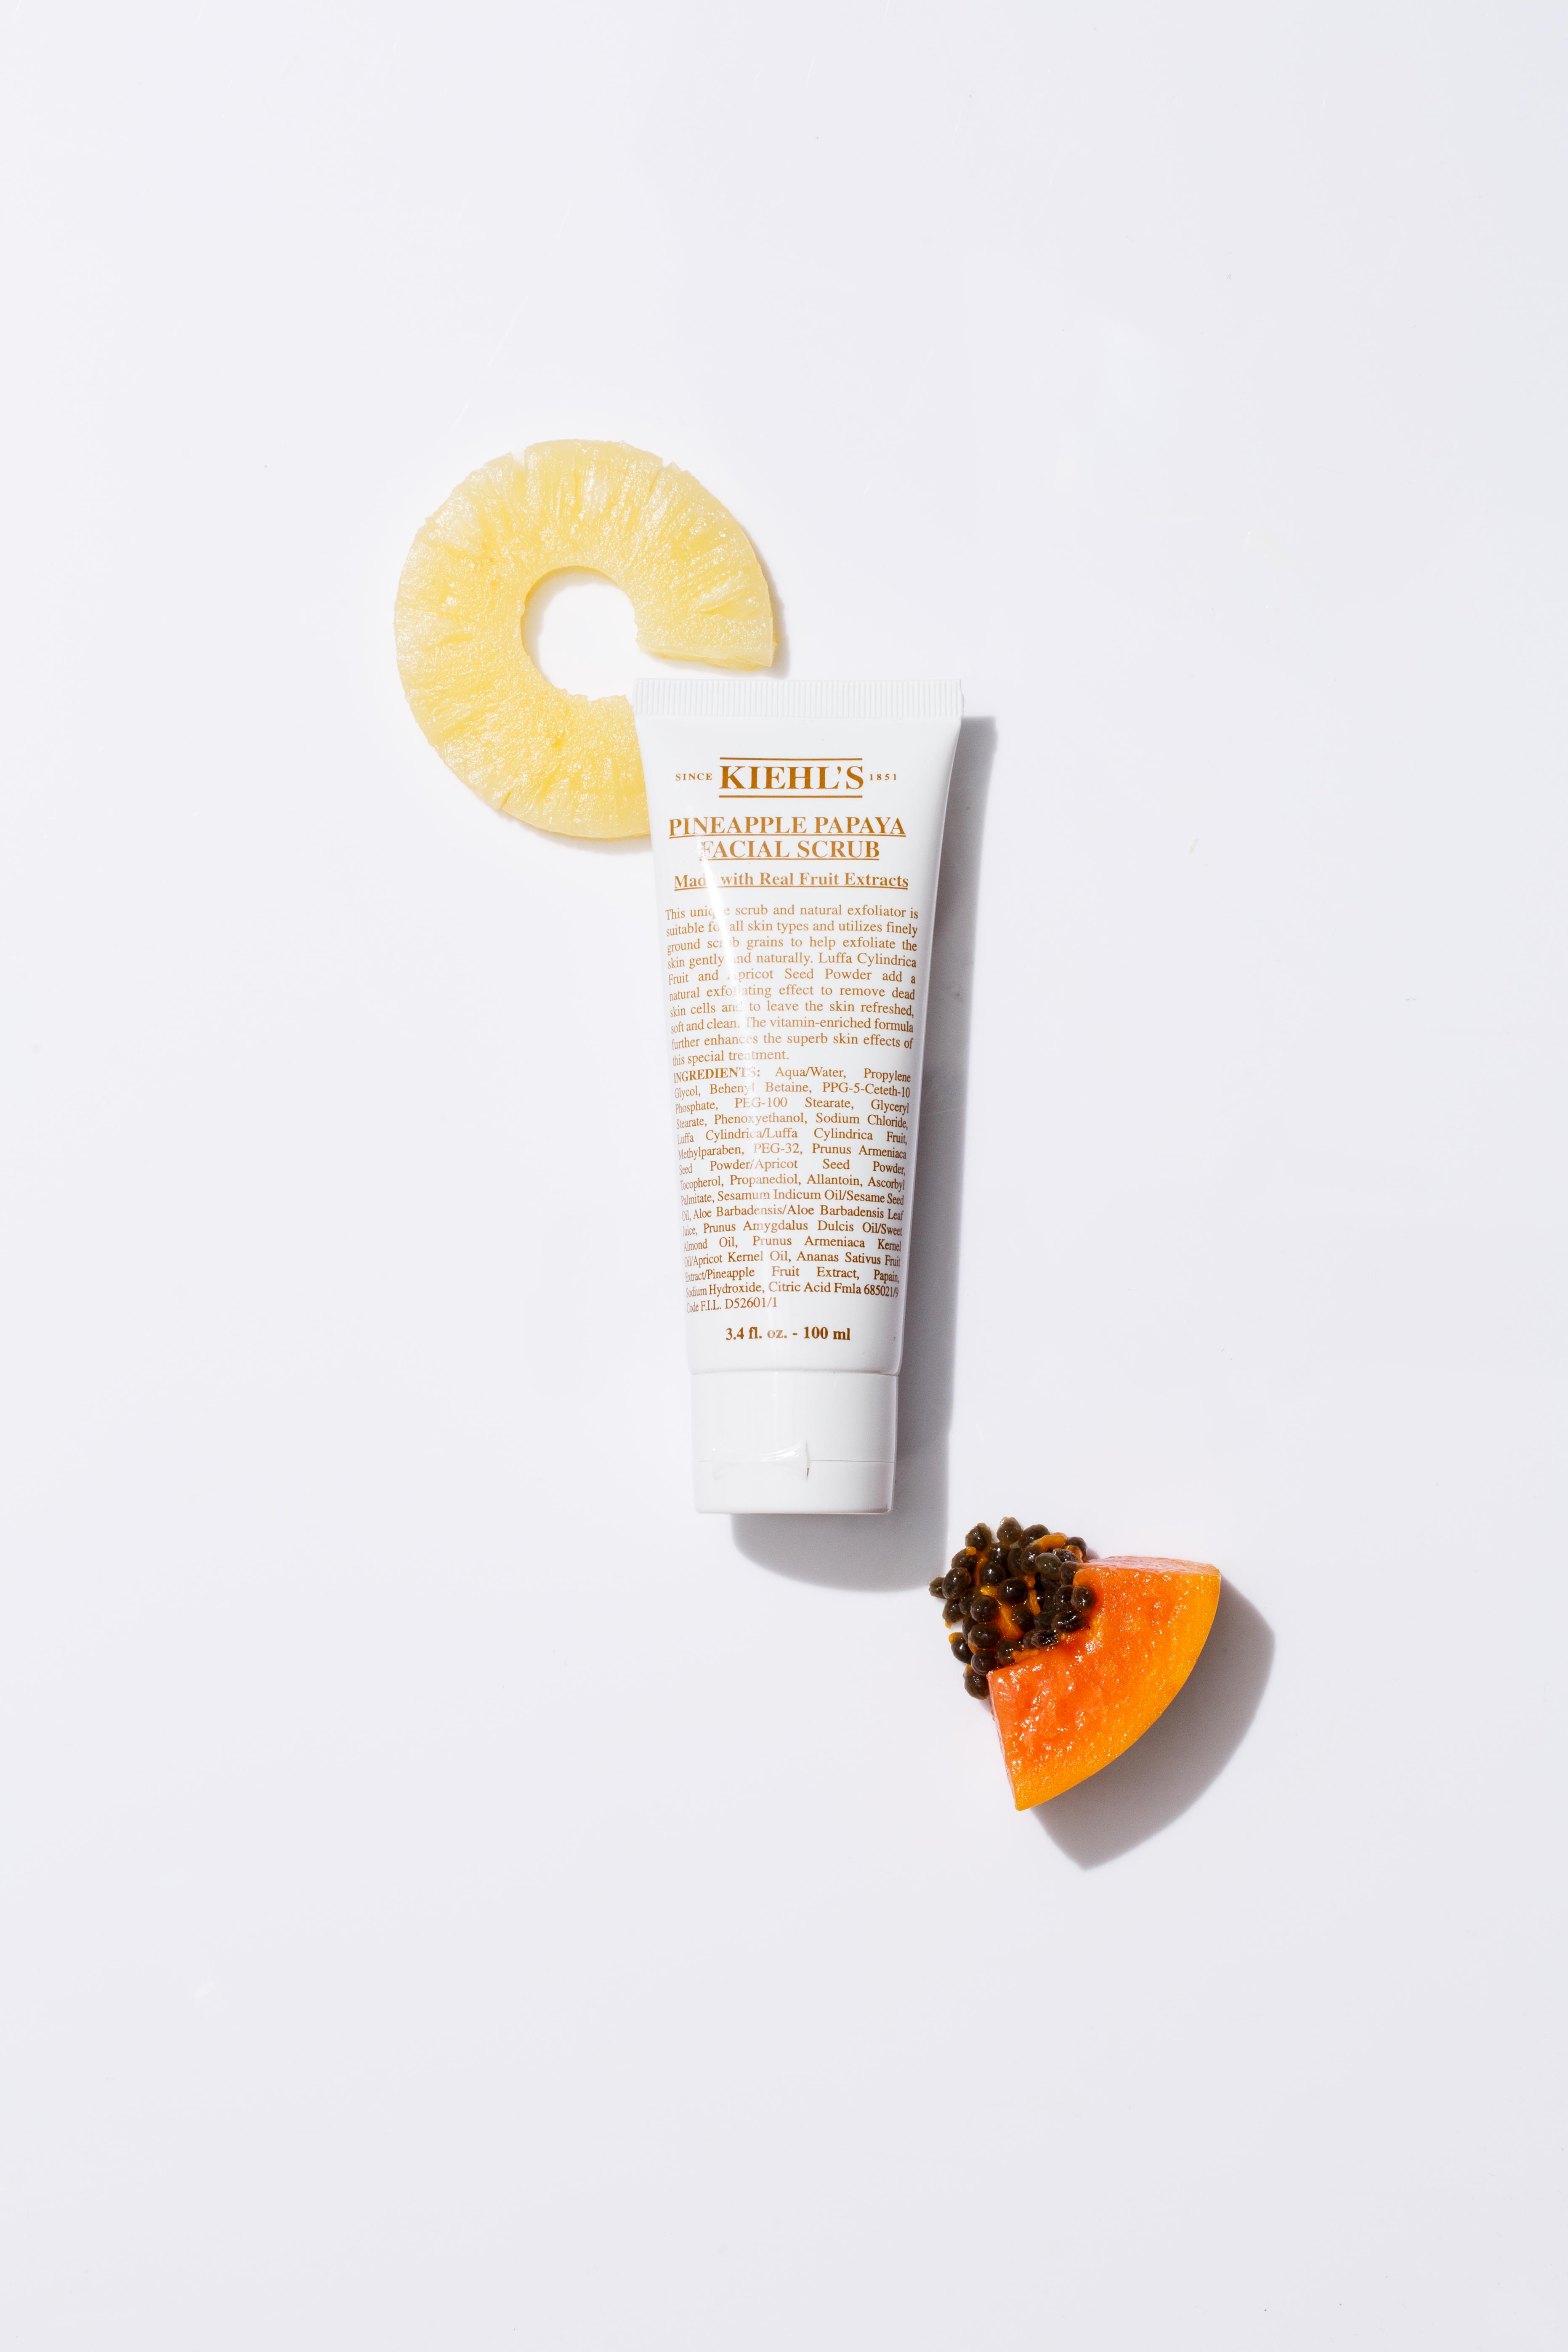 Kiehl's 菠蘿木瓜磨砂乳霜 HK$285/100ml 以菠蘿及木瓜為主要成分的乳霜,添加上去角質顆粒和天然酵素,輕易地去除皮膚上的角質細胞。洗淨肌膚後,以畫圓圈的方式按摩,等待一至三分鐘,使天然水果酵素得以溫和地去除枯死的細胞,每星期使用一至三次。